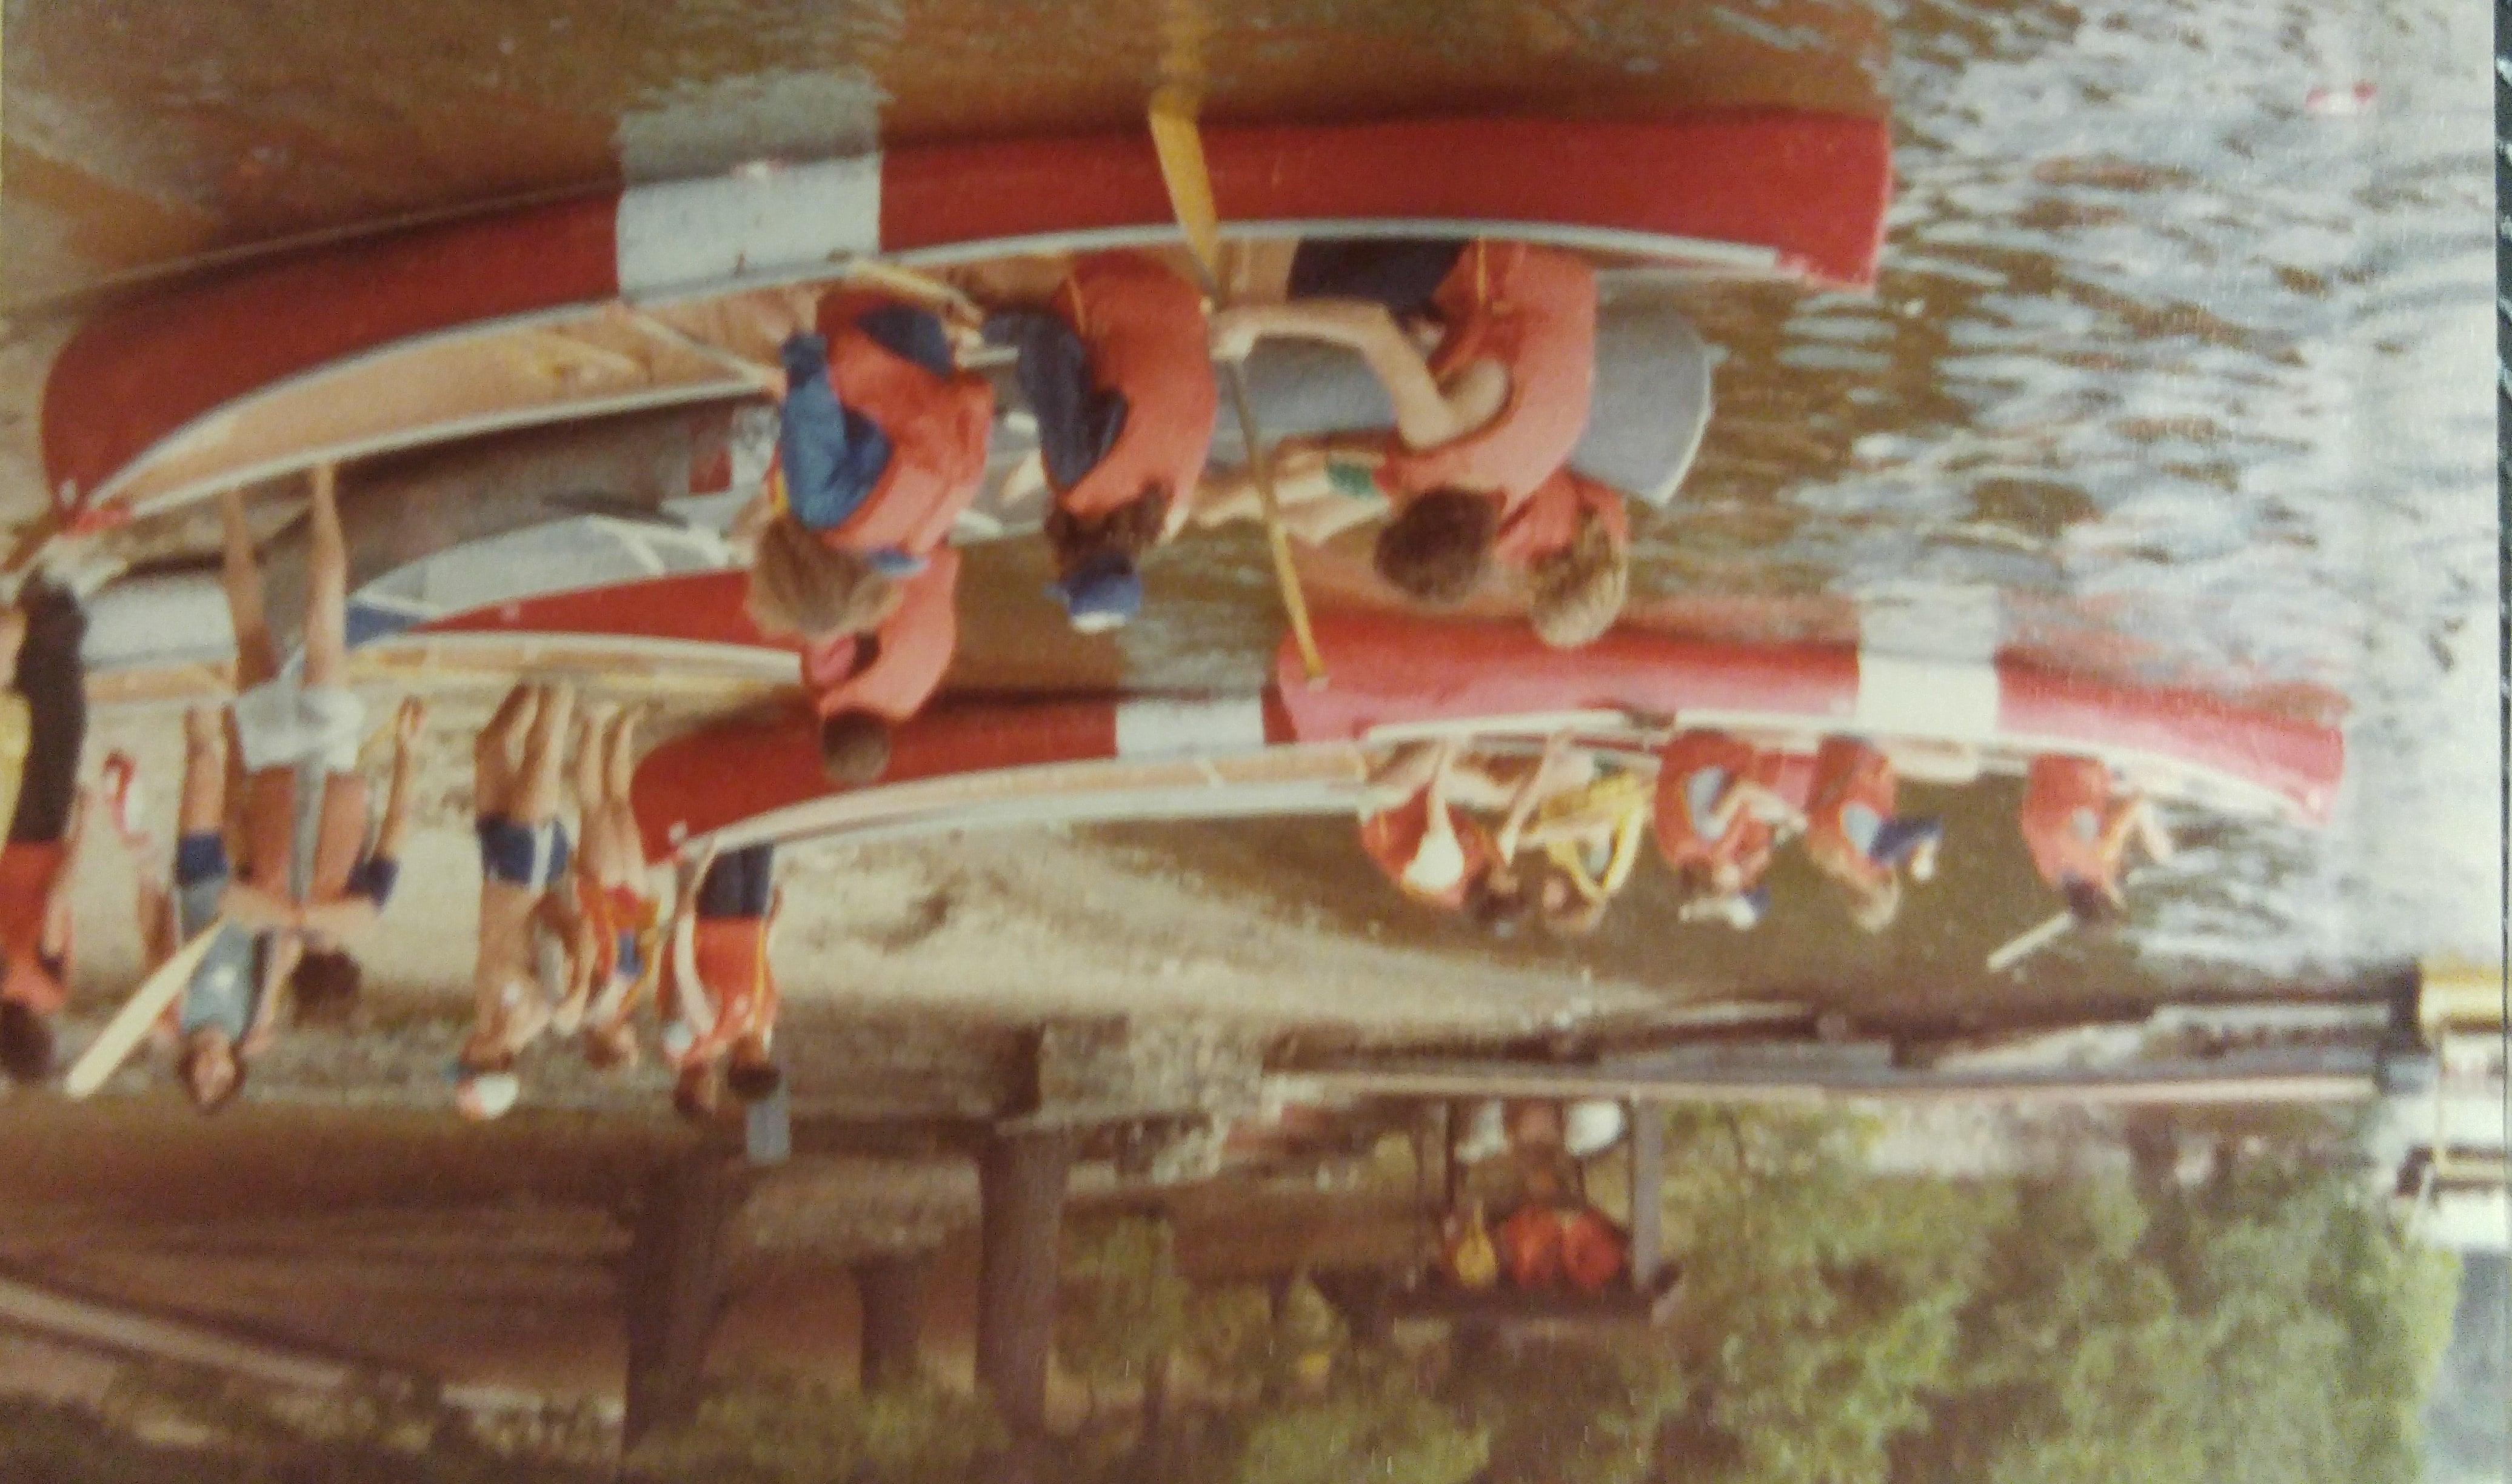 Victoria Swindell canoes